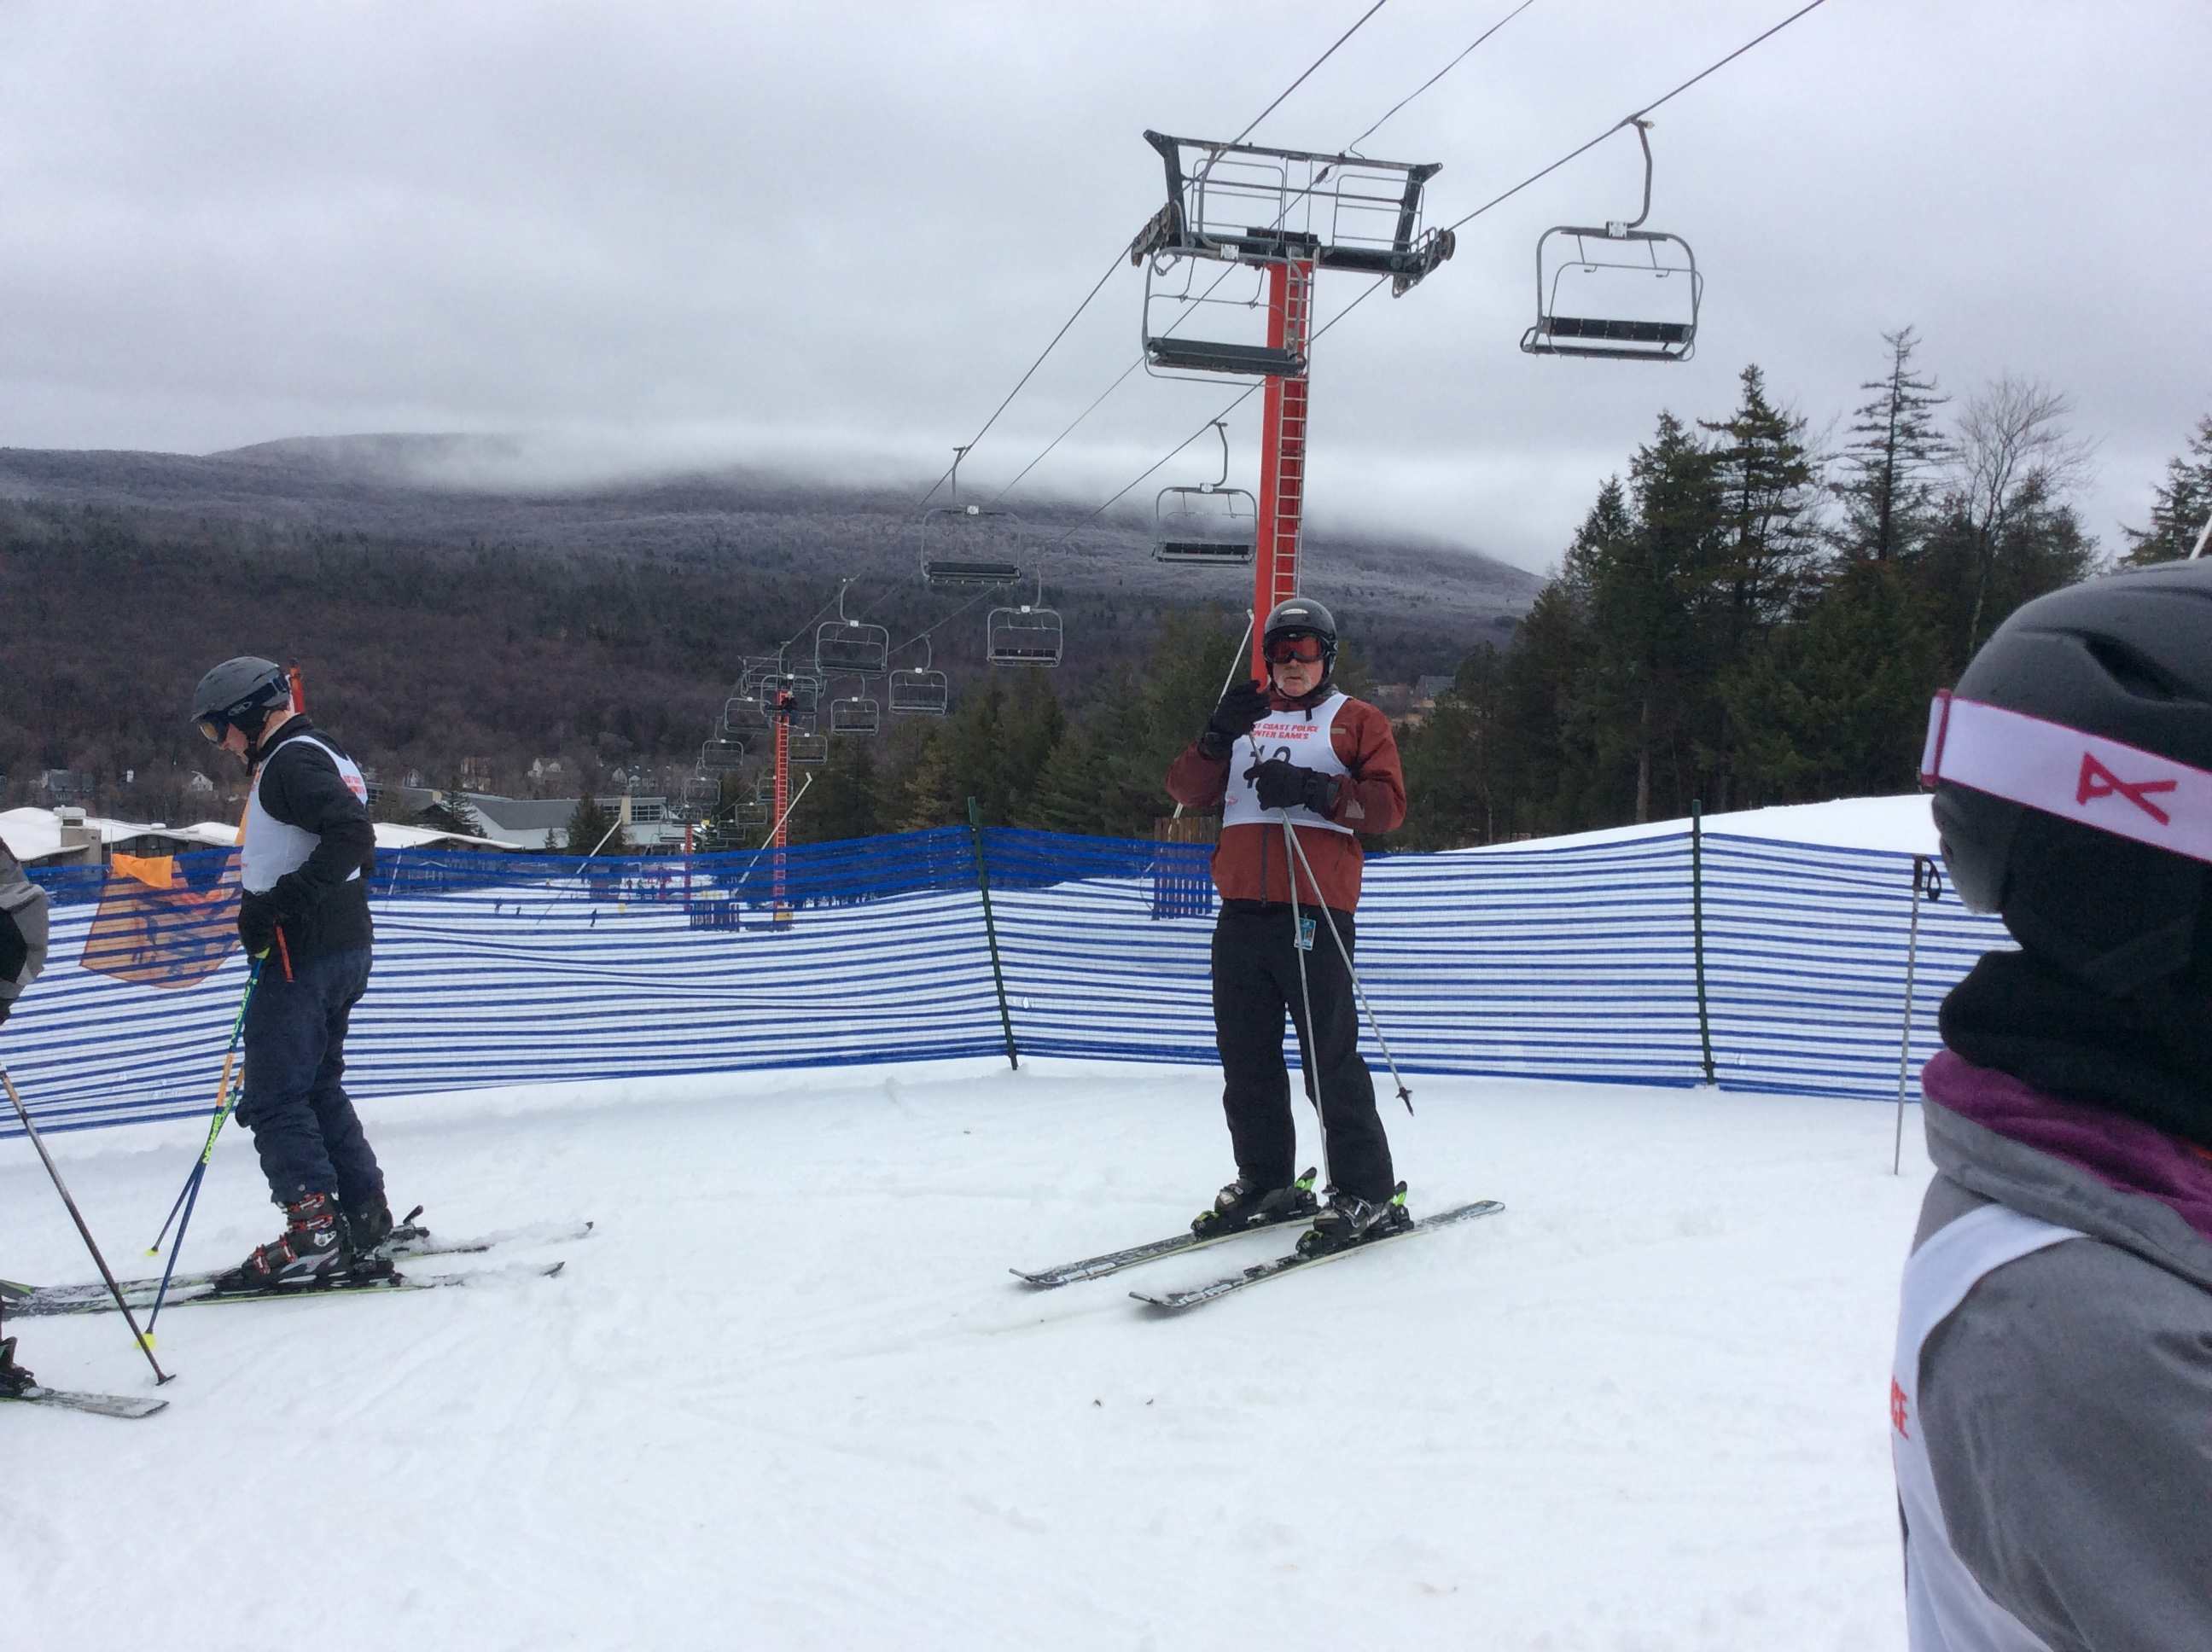 nypd-ski-club_32275743251_o